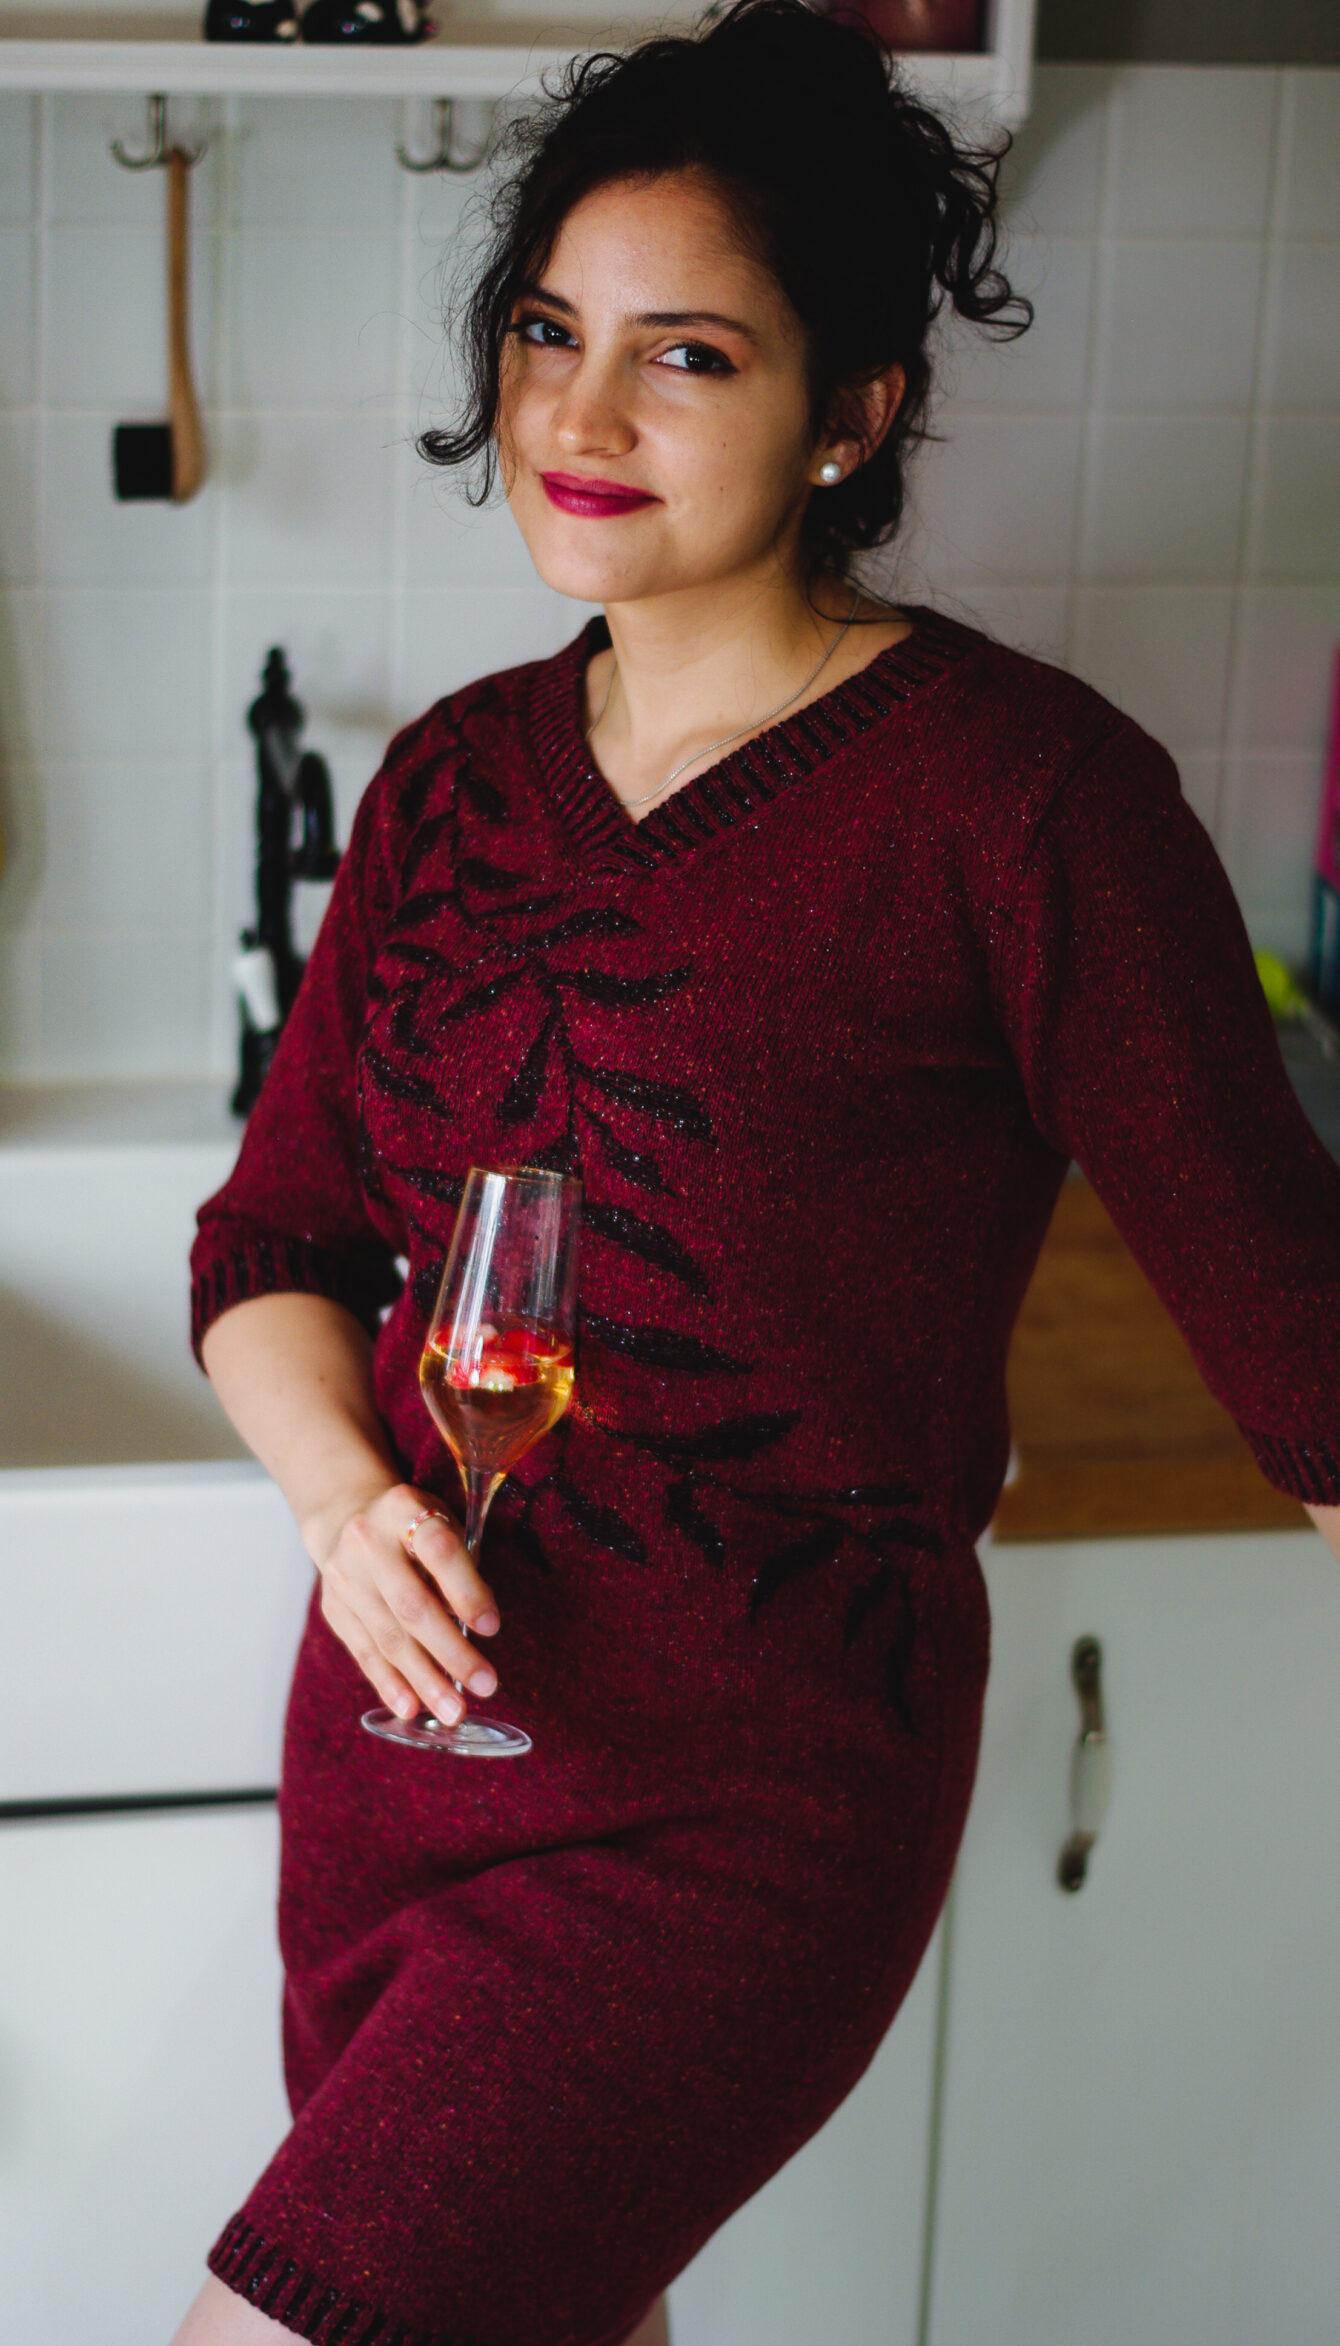 Плетена рокля с есенен мотив в червено-02